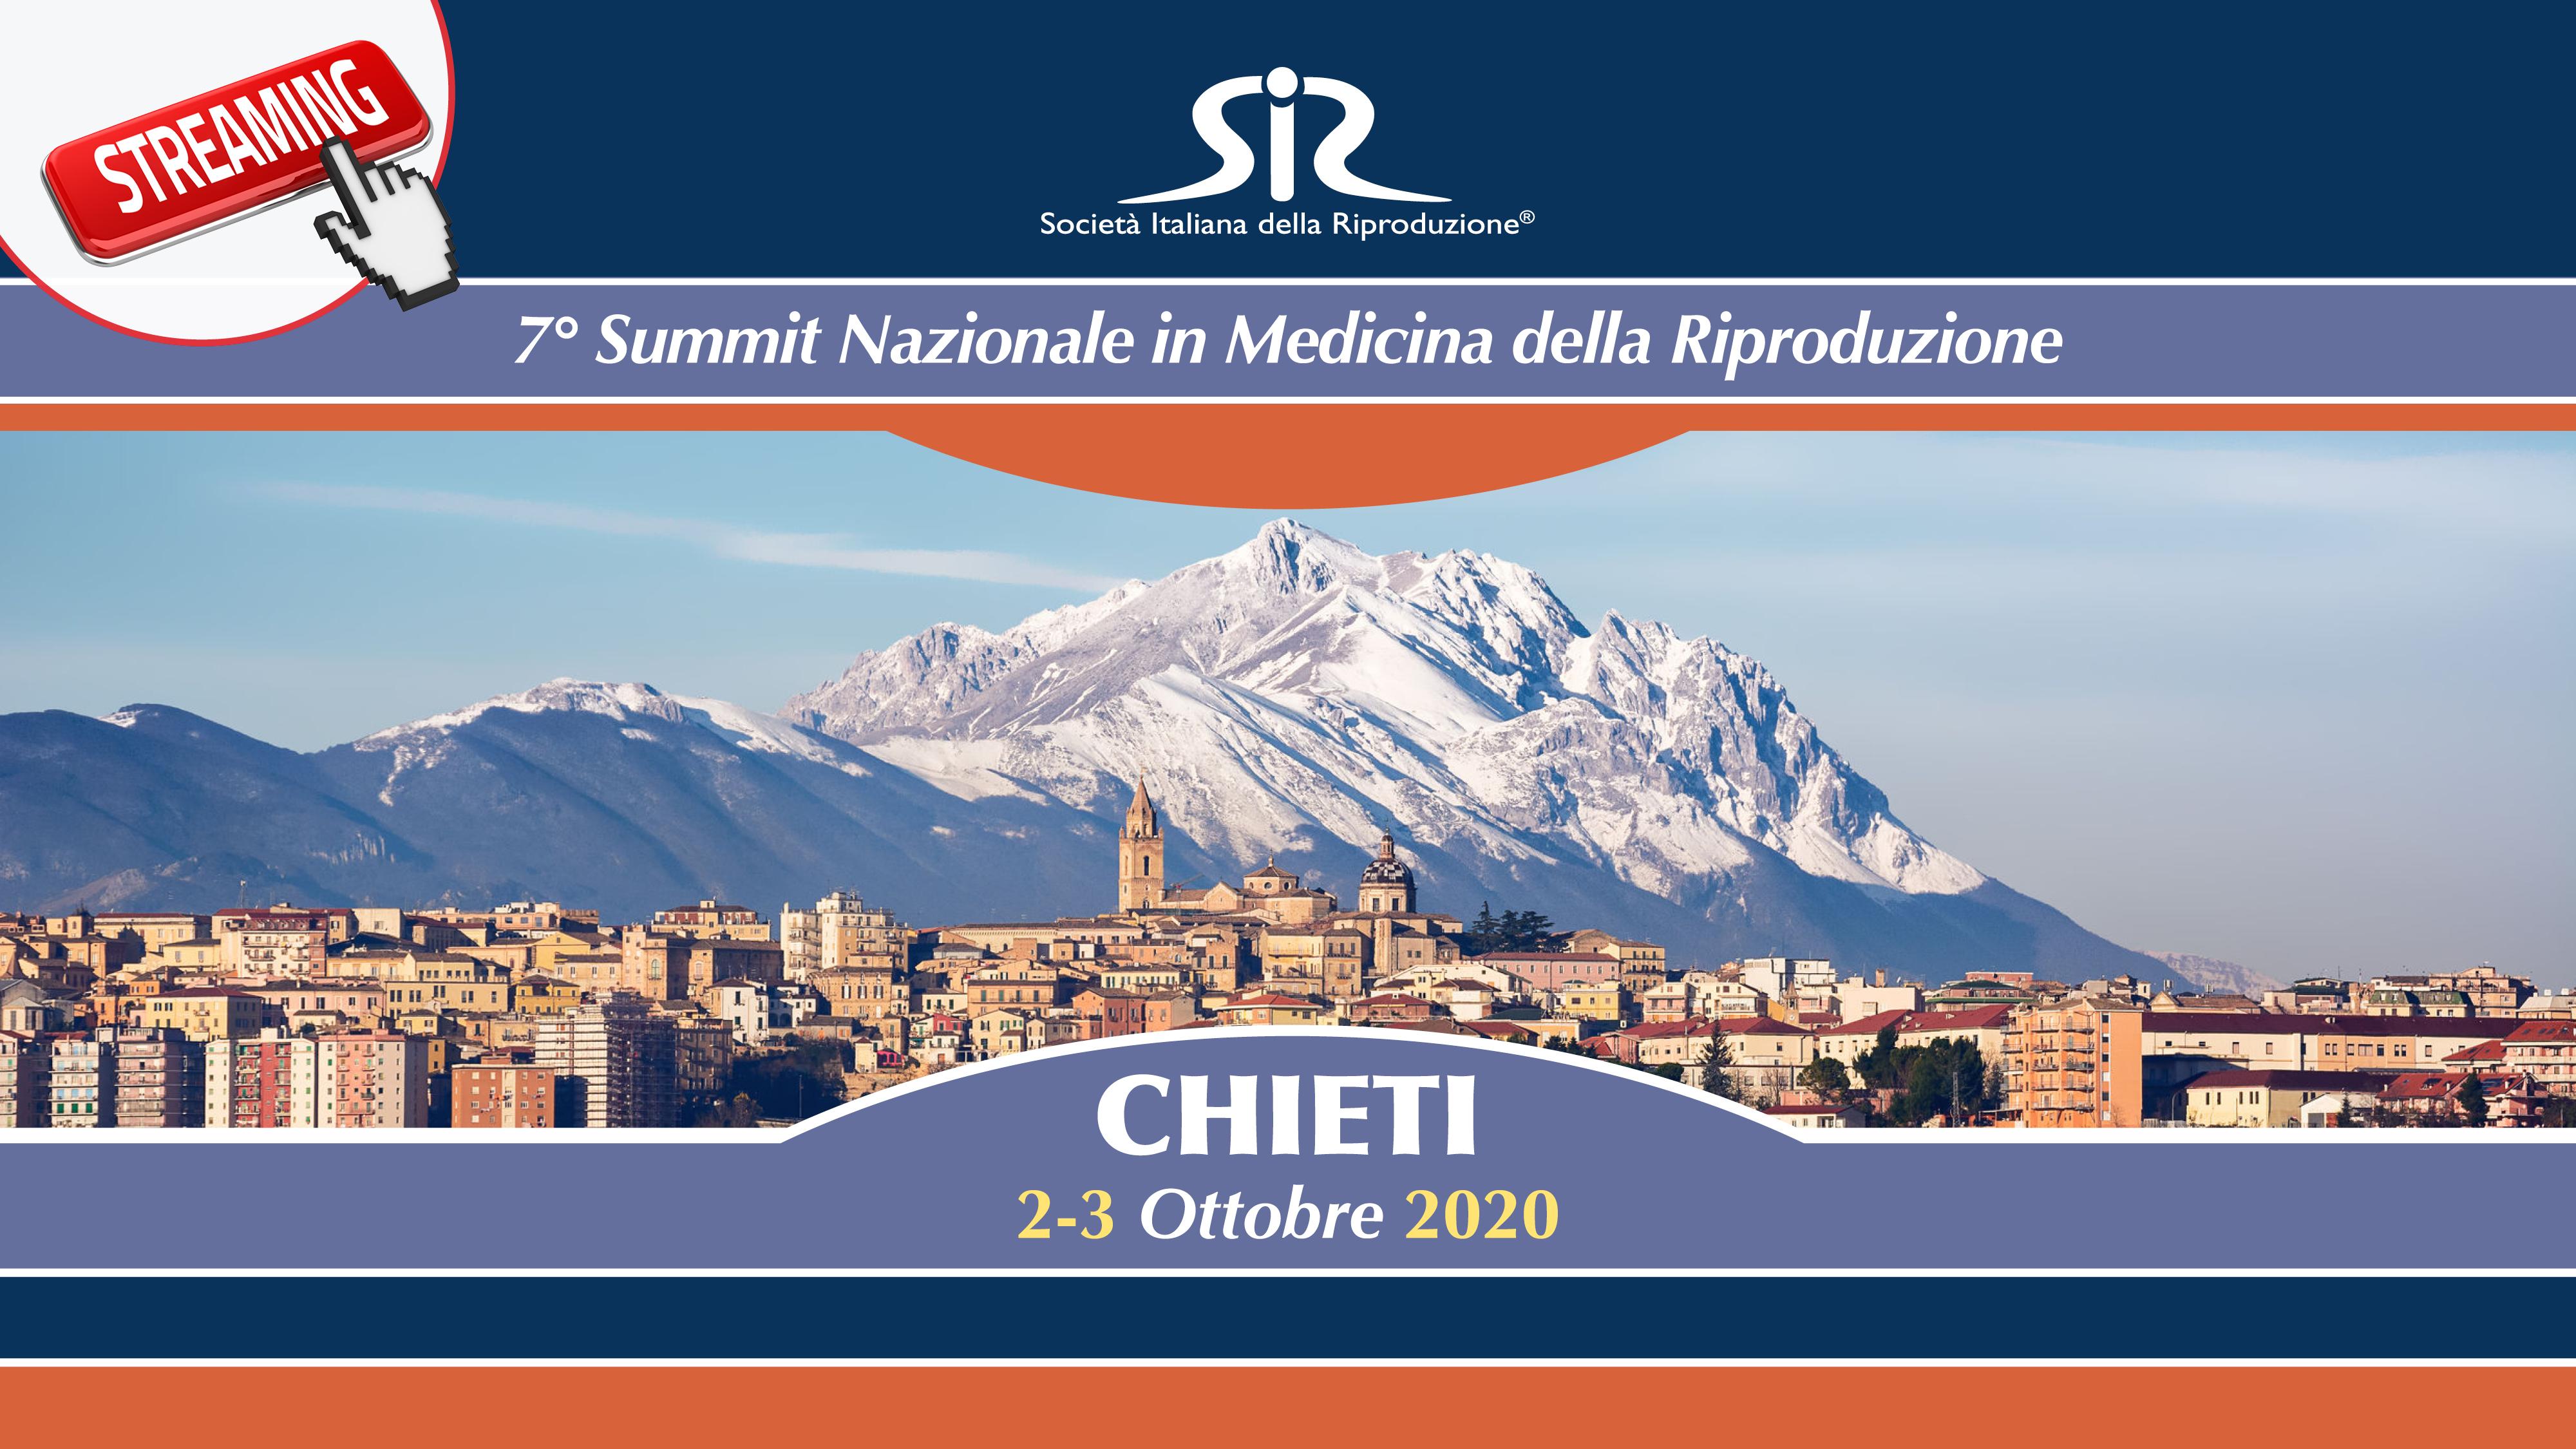 7° Summit Nazionale in Medicina della Riproduzione